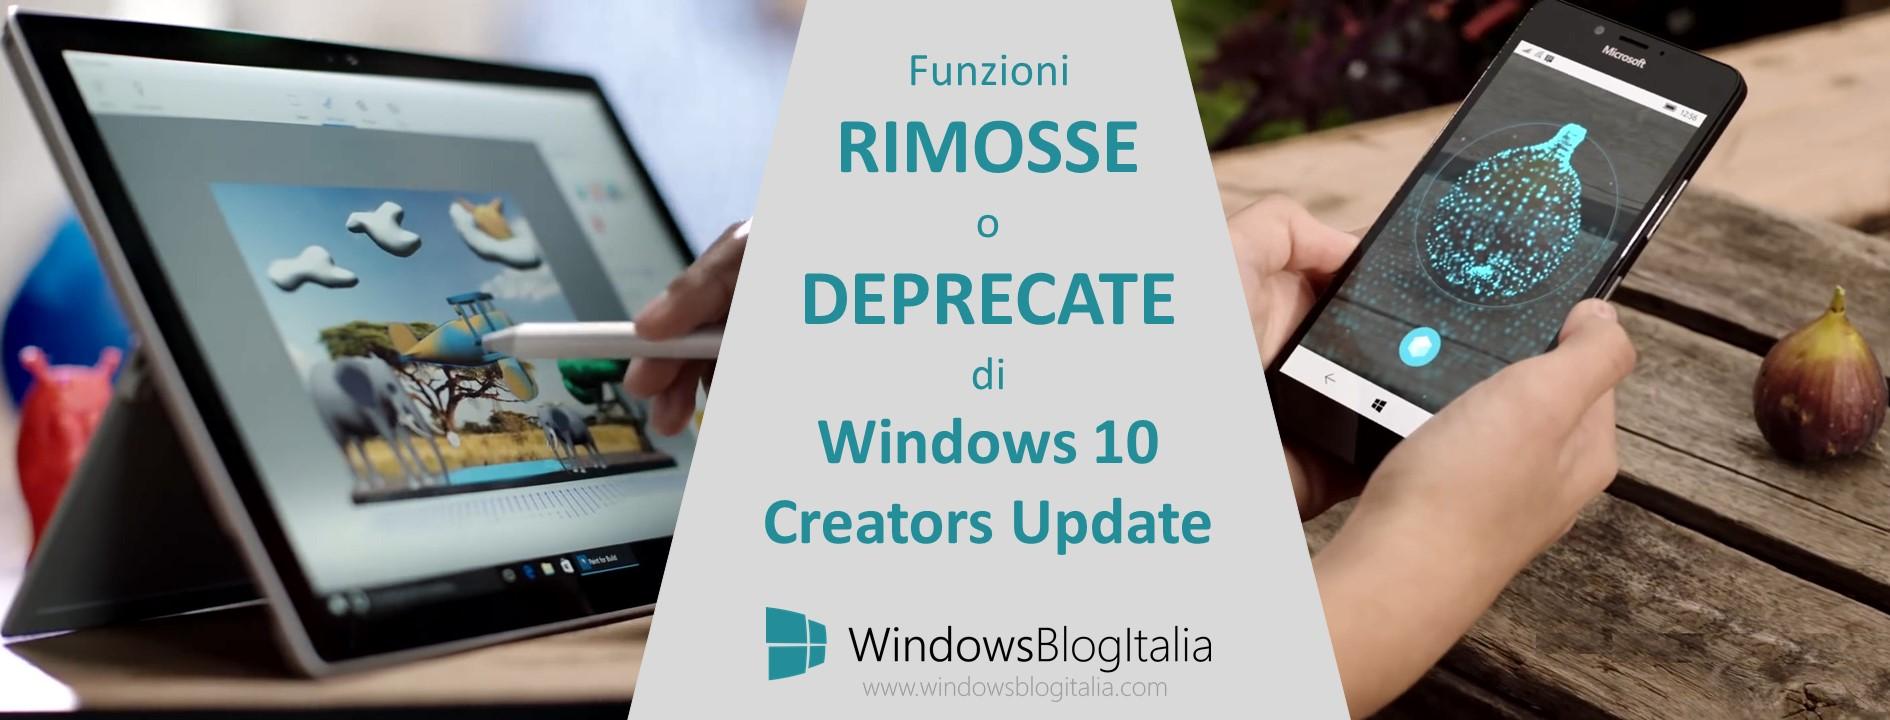 Funzioni rimosse o deprecate - Windows 10 Creators Update